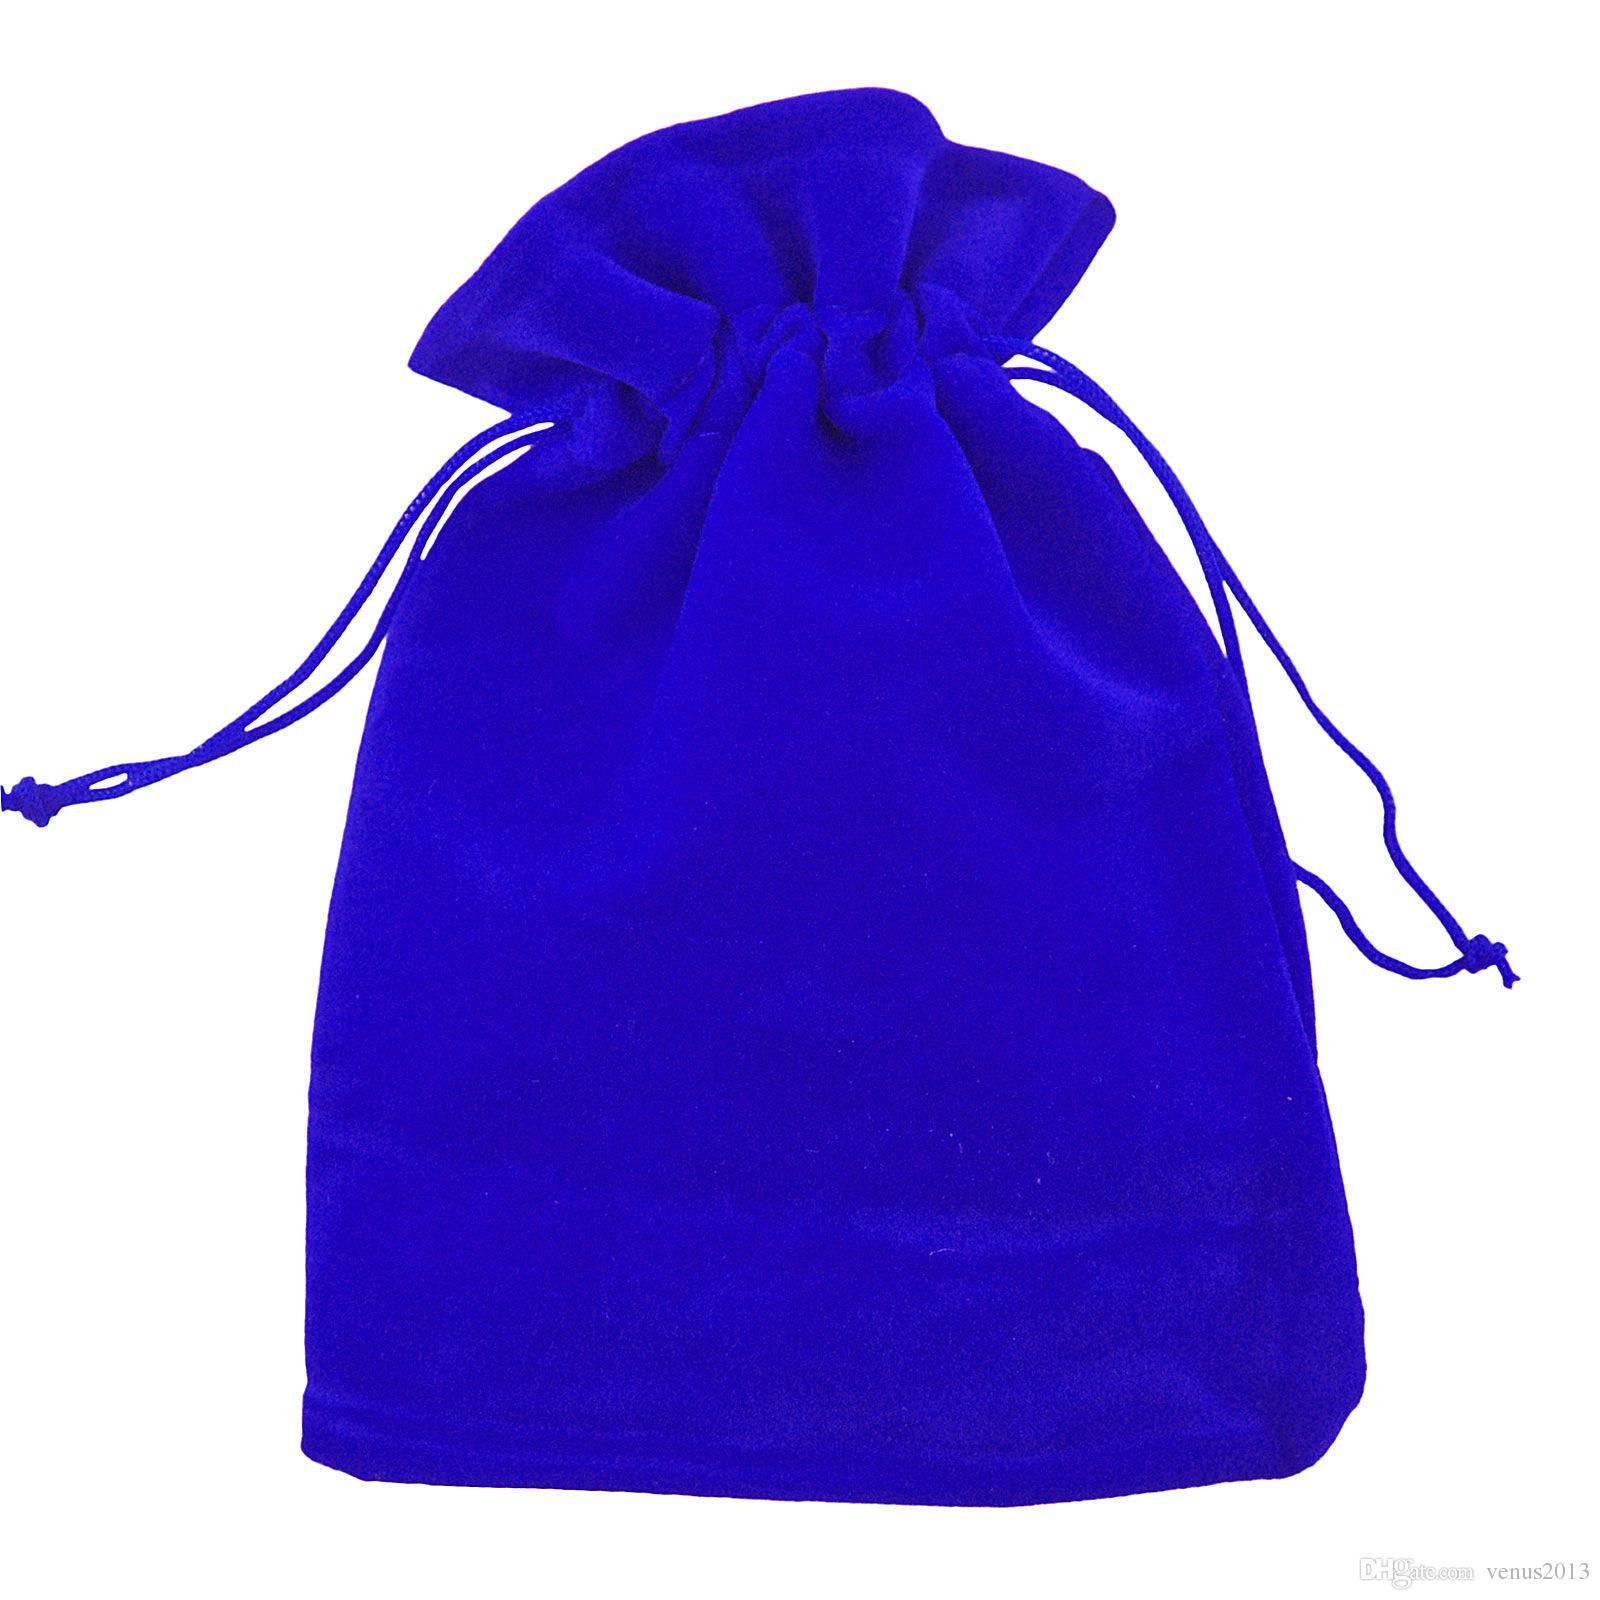 مختلط فاخر المخملية مجوهرات الرباط حفل زفاف لصالح الحقائب حقائب هدية